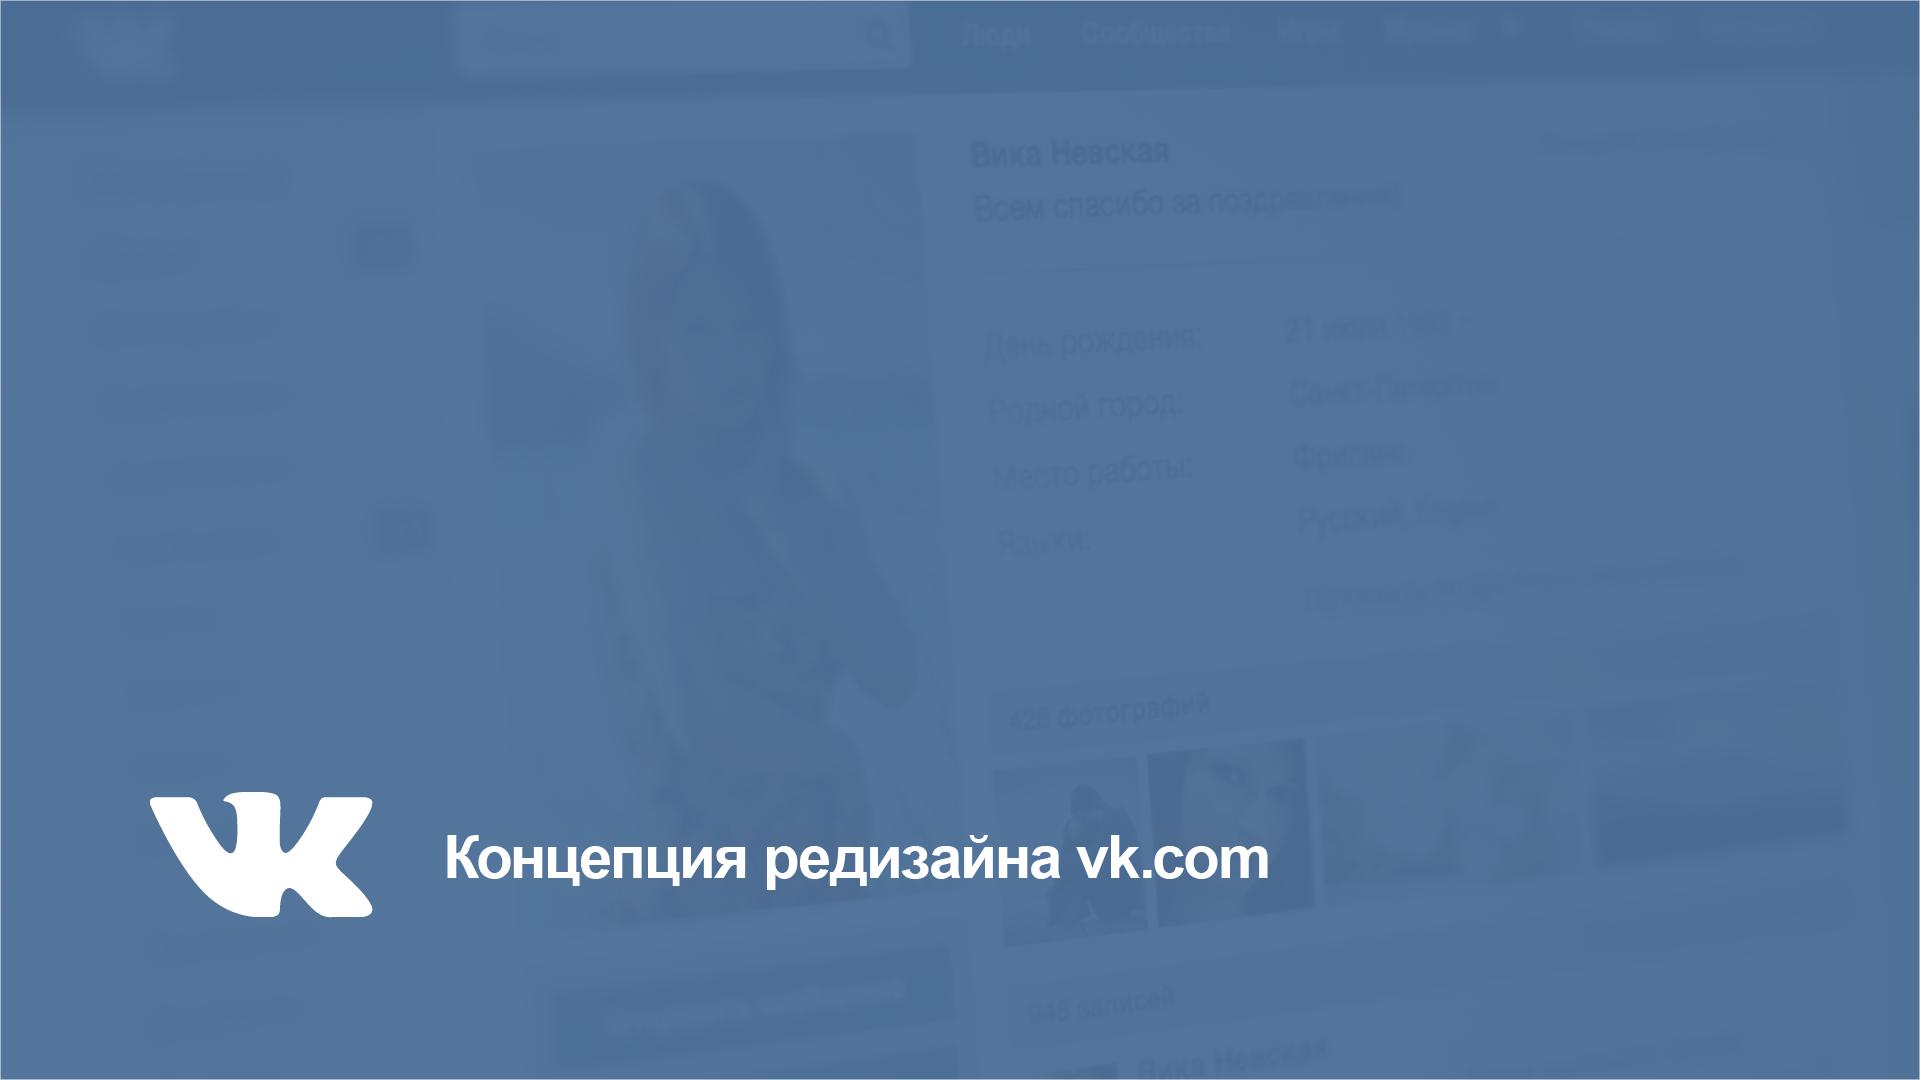 Концепция редизайна vk.com